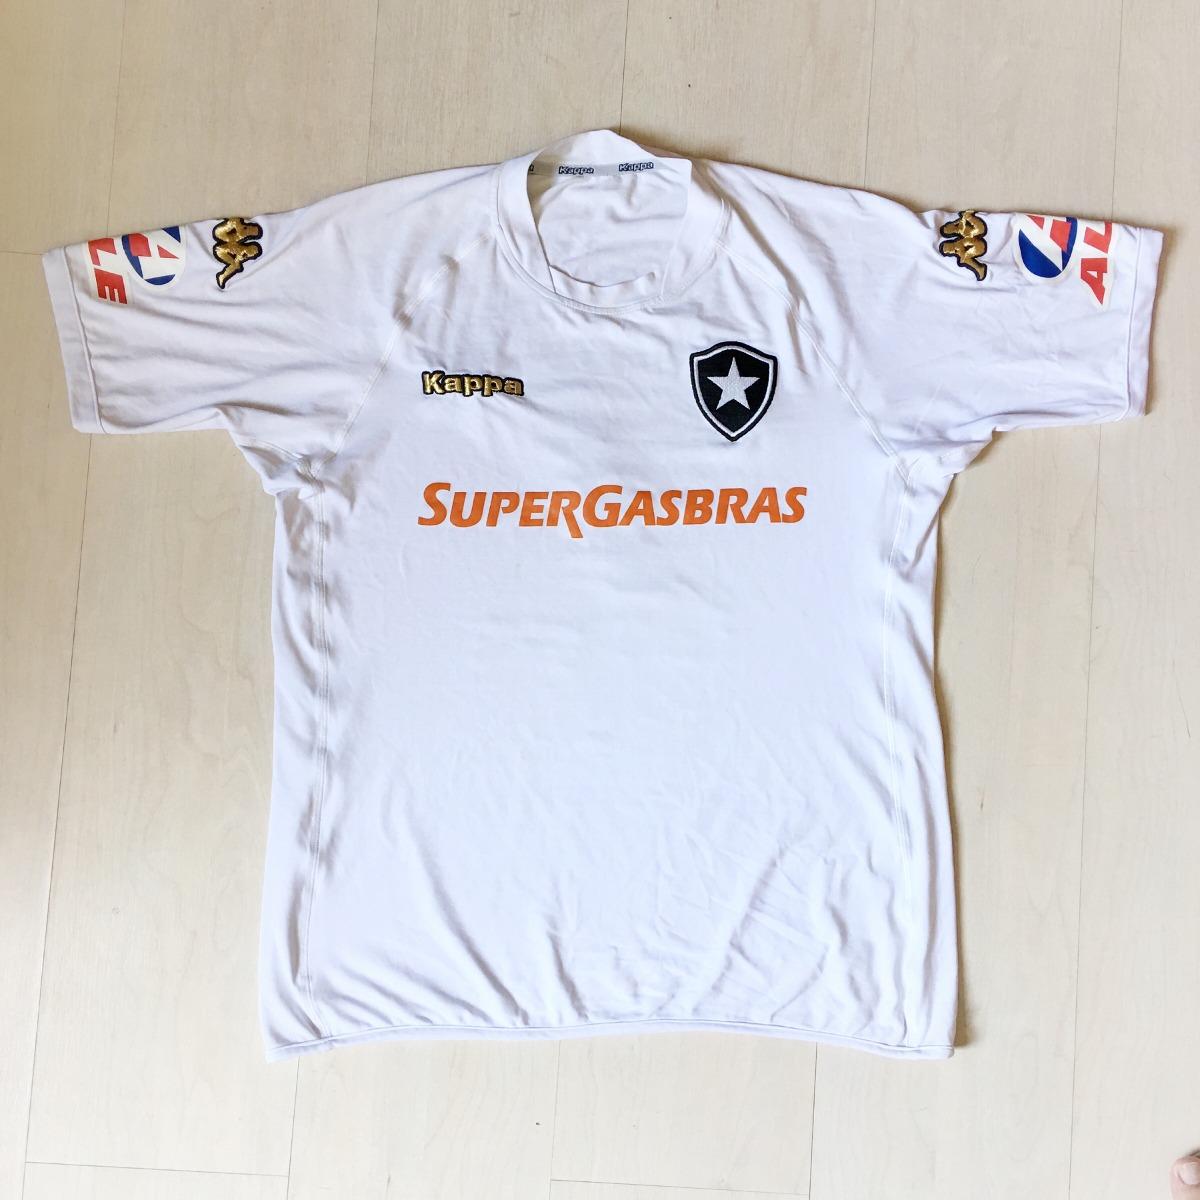 5ecb5dba3e351 camisa oficial botafogo 2006 (2o uniforme). Carregando zoom.